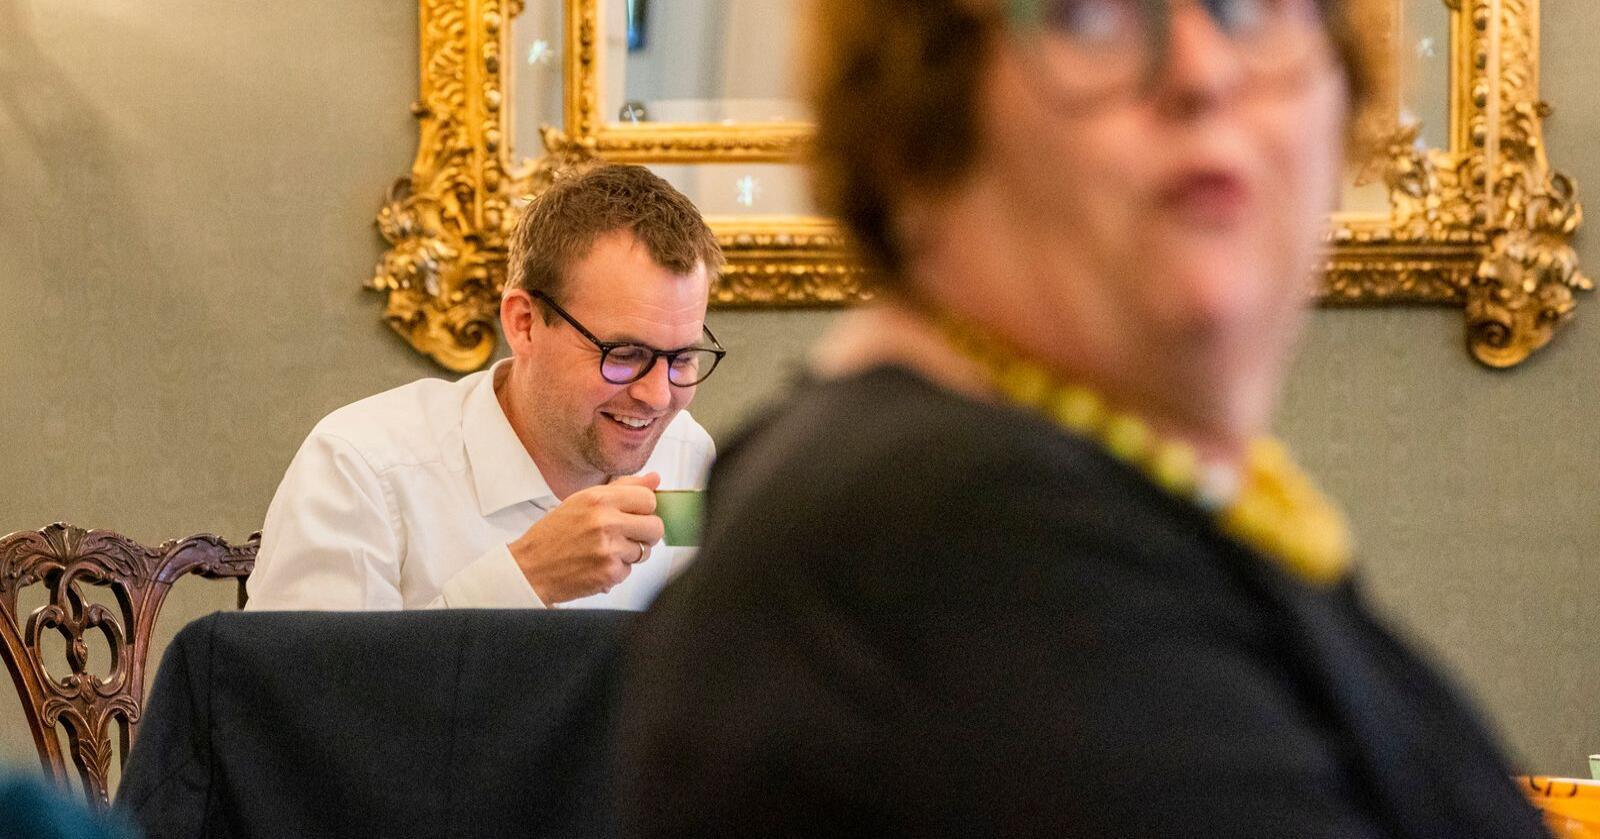 Ser til høyre: KrF-leder Kjell Ingolf Ropstad og Olaug Bollestad kan få taktiske stemmer både fra Høyre og Sp. Foto: Håkon Mosvold Larsen / NTB